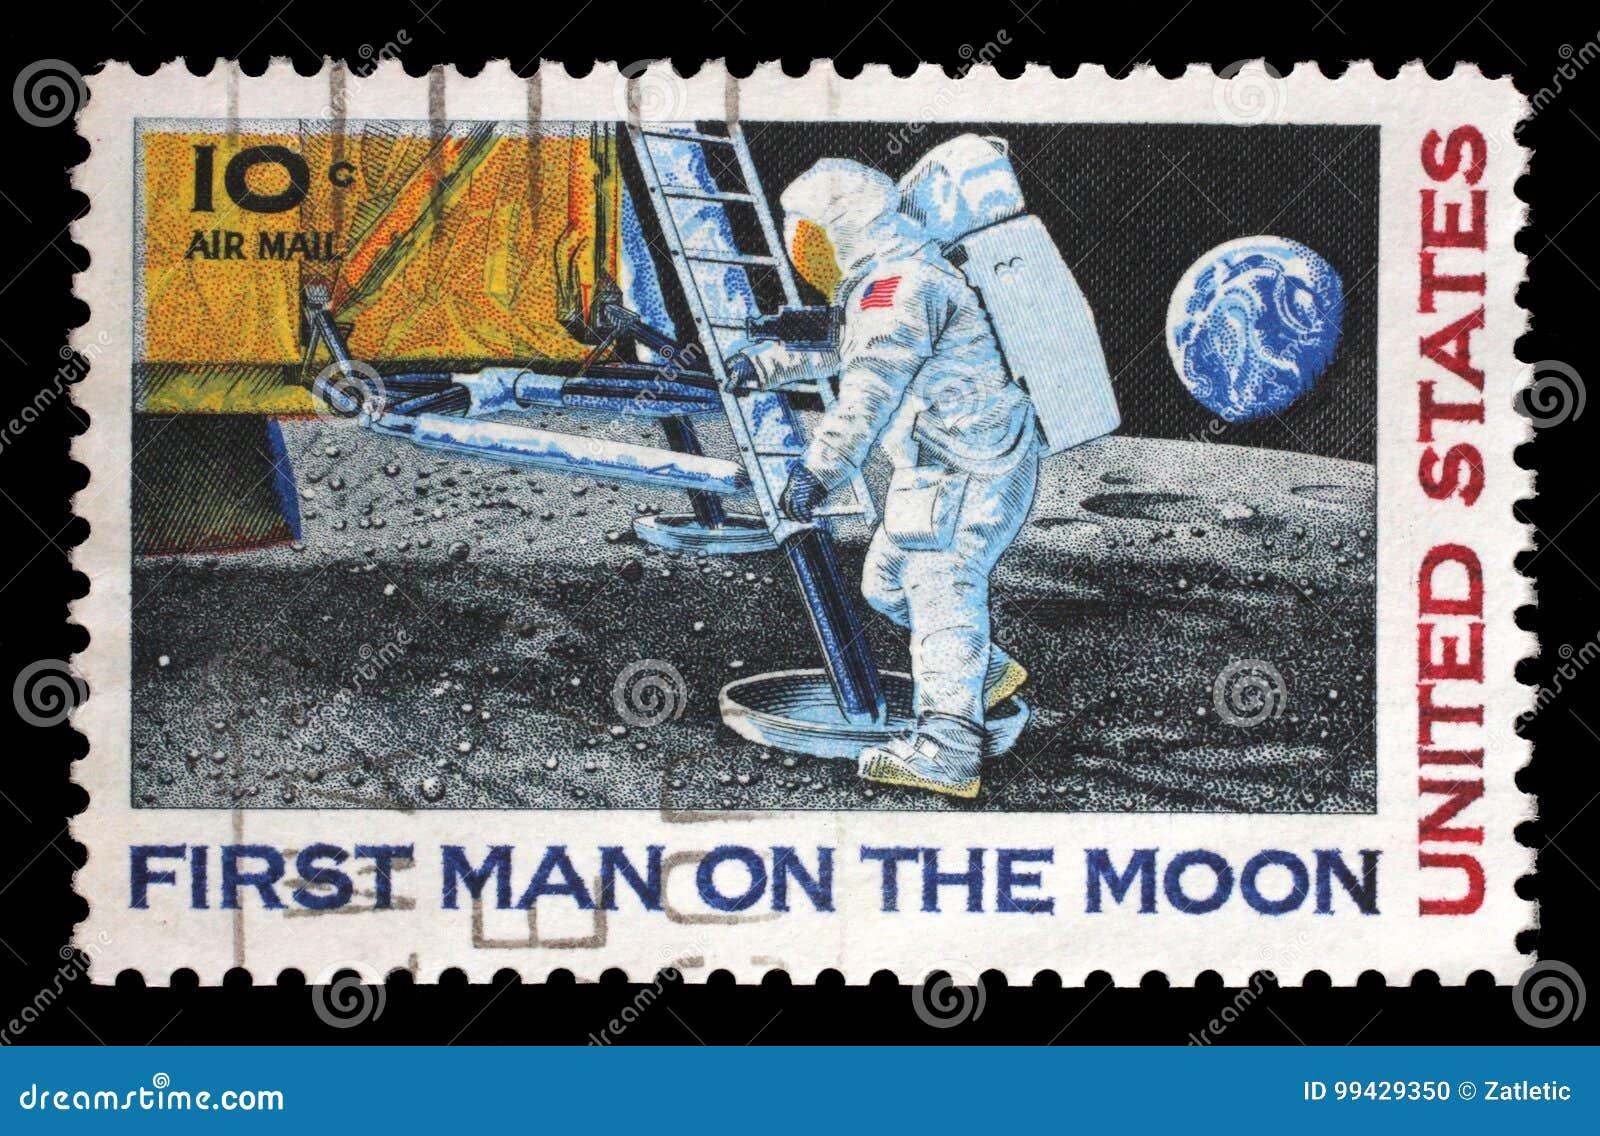 在美国打印的邮票显示月亮的宇航员尼尔・阿姆斯特朗